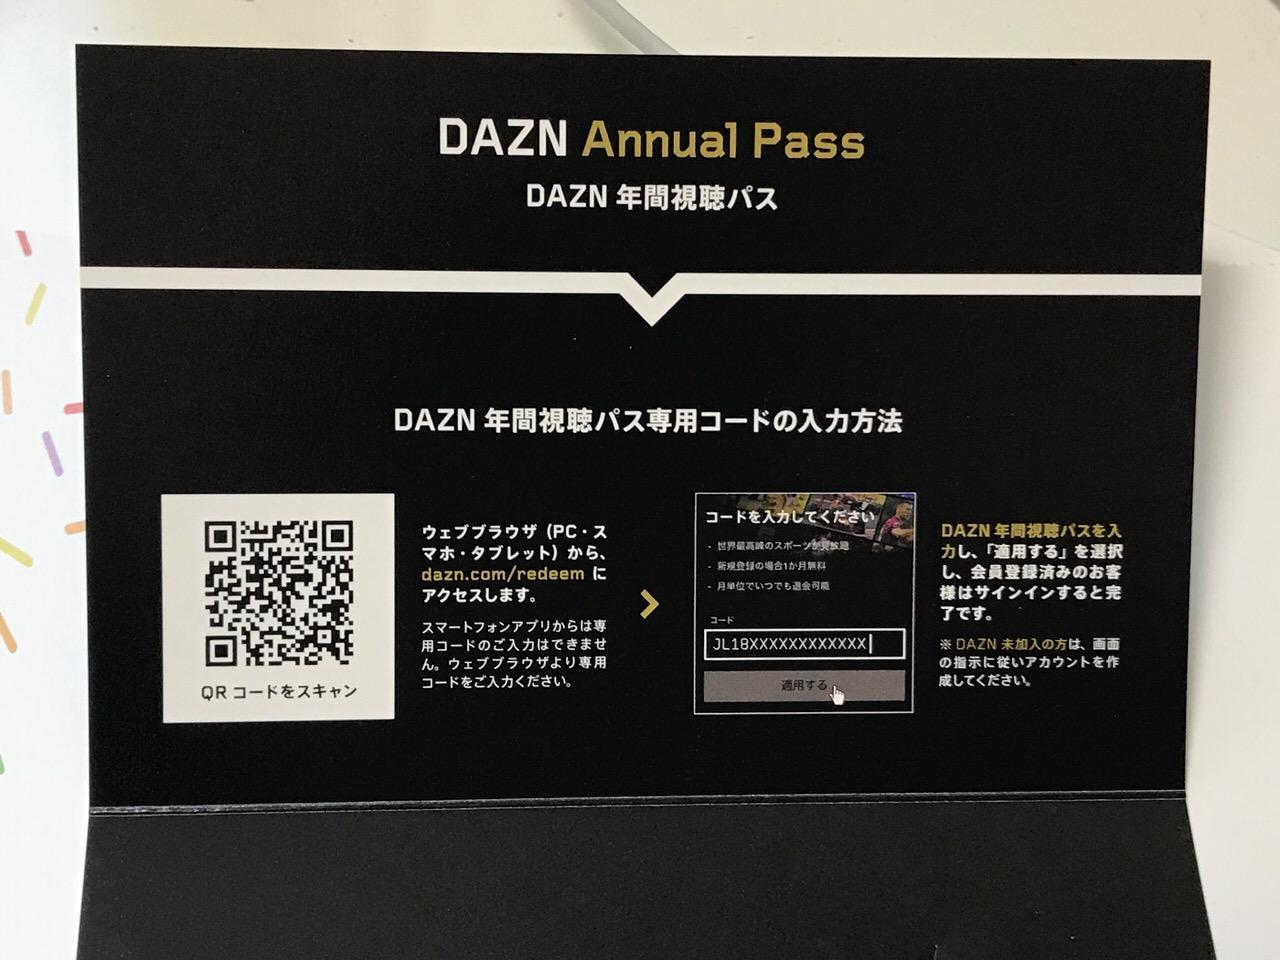 Dazn passport 2543